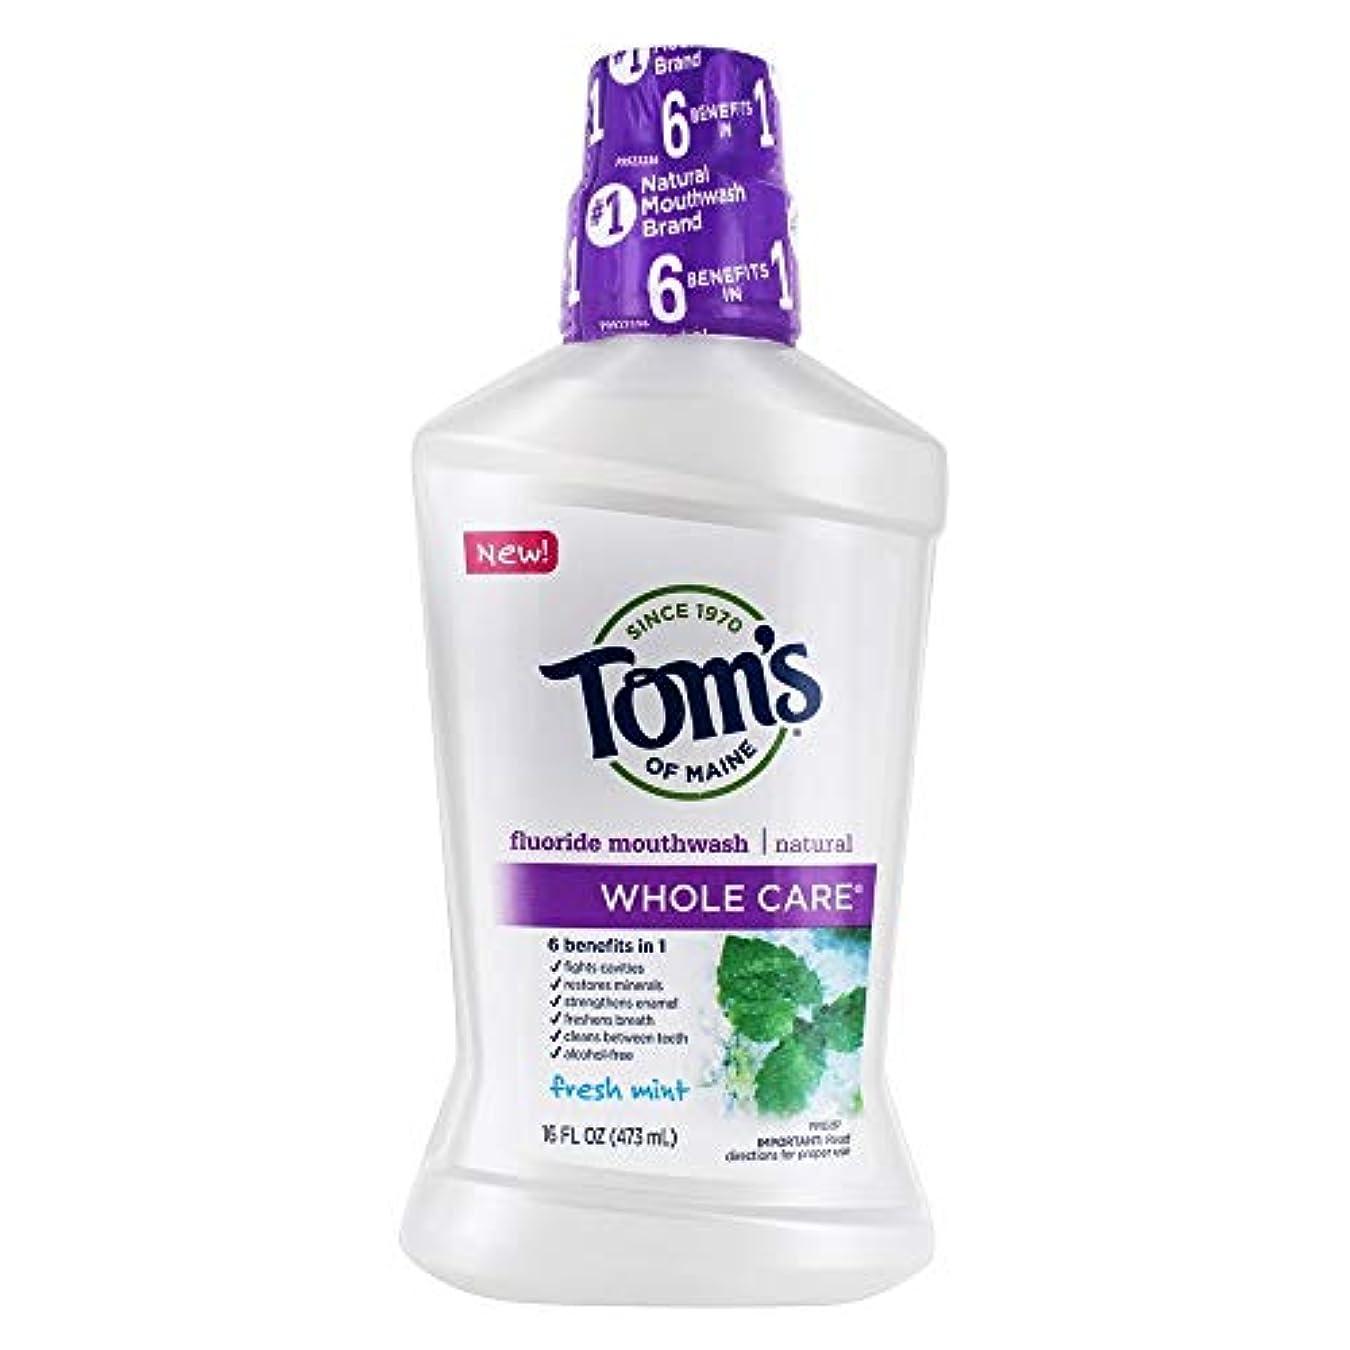 未来崩壊名前Tom's 全体のケアフッ化物洗口液、フレッシュミント、16液量オンス